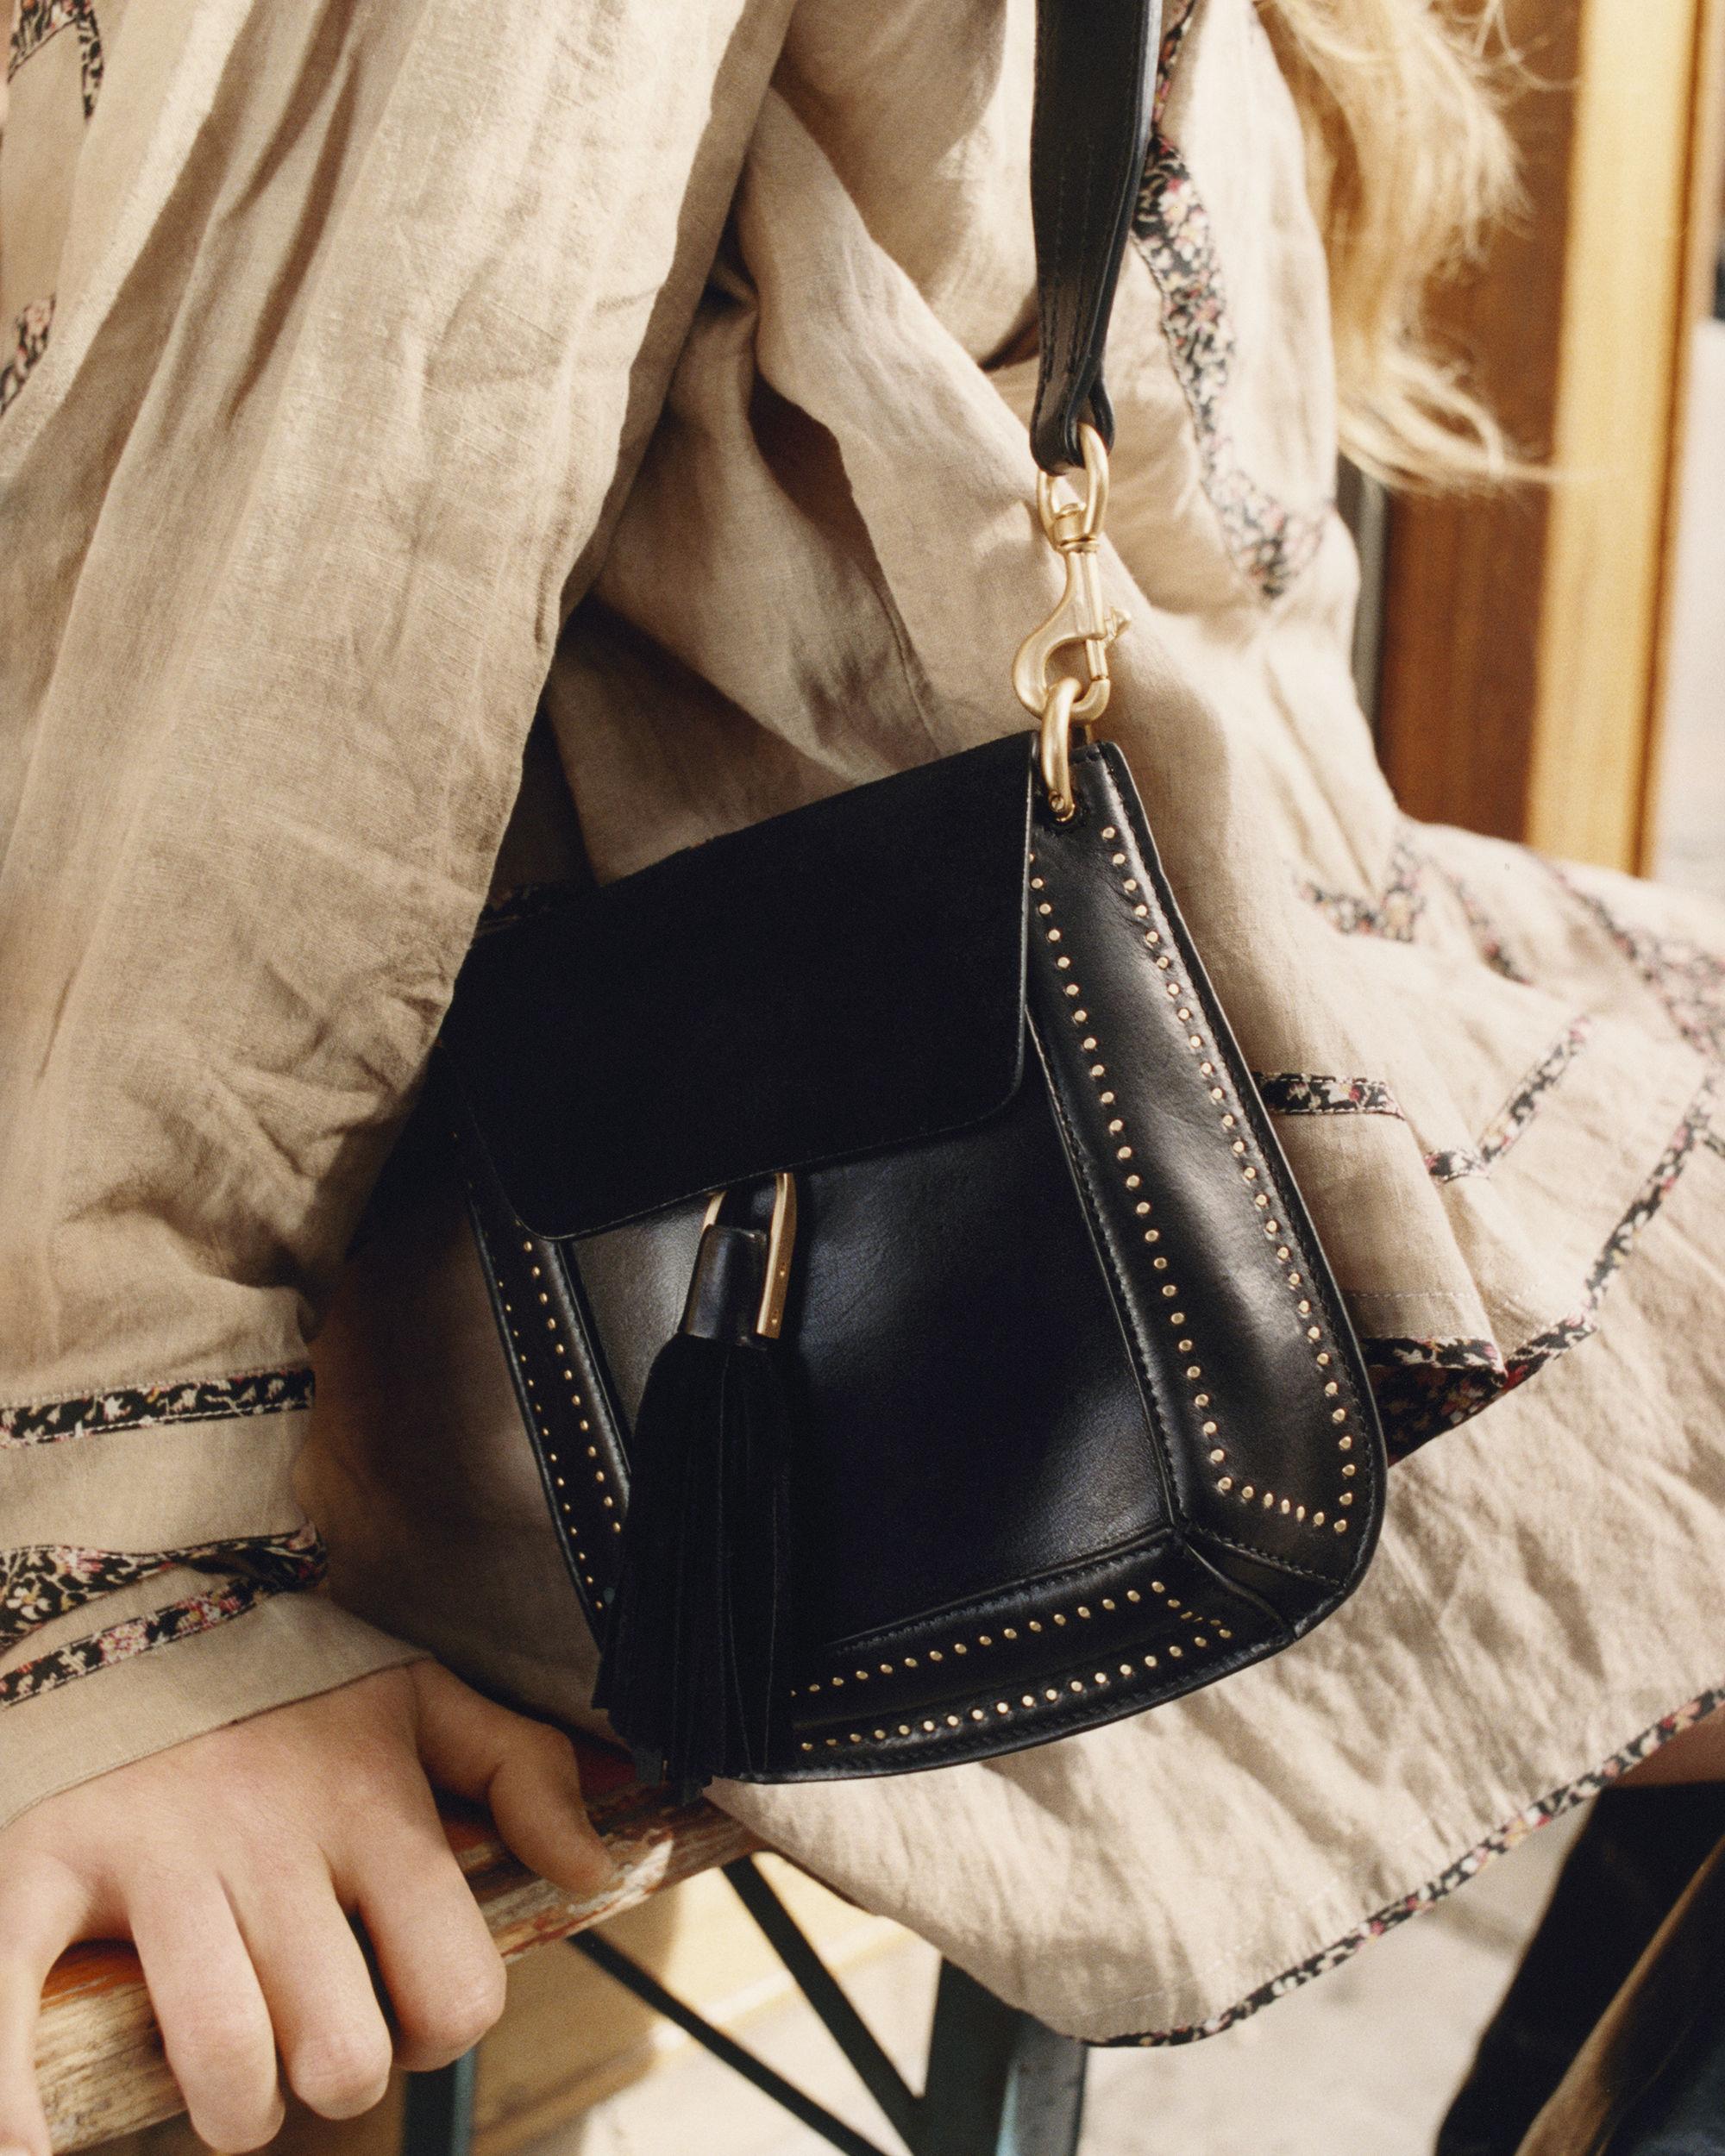 KANSY bag